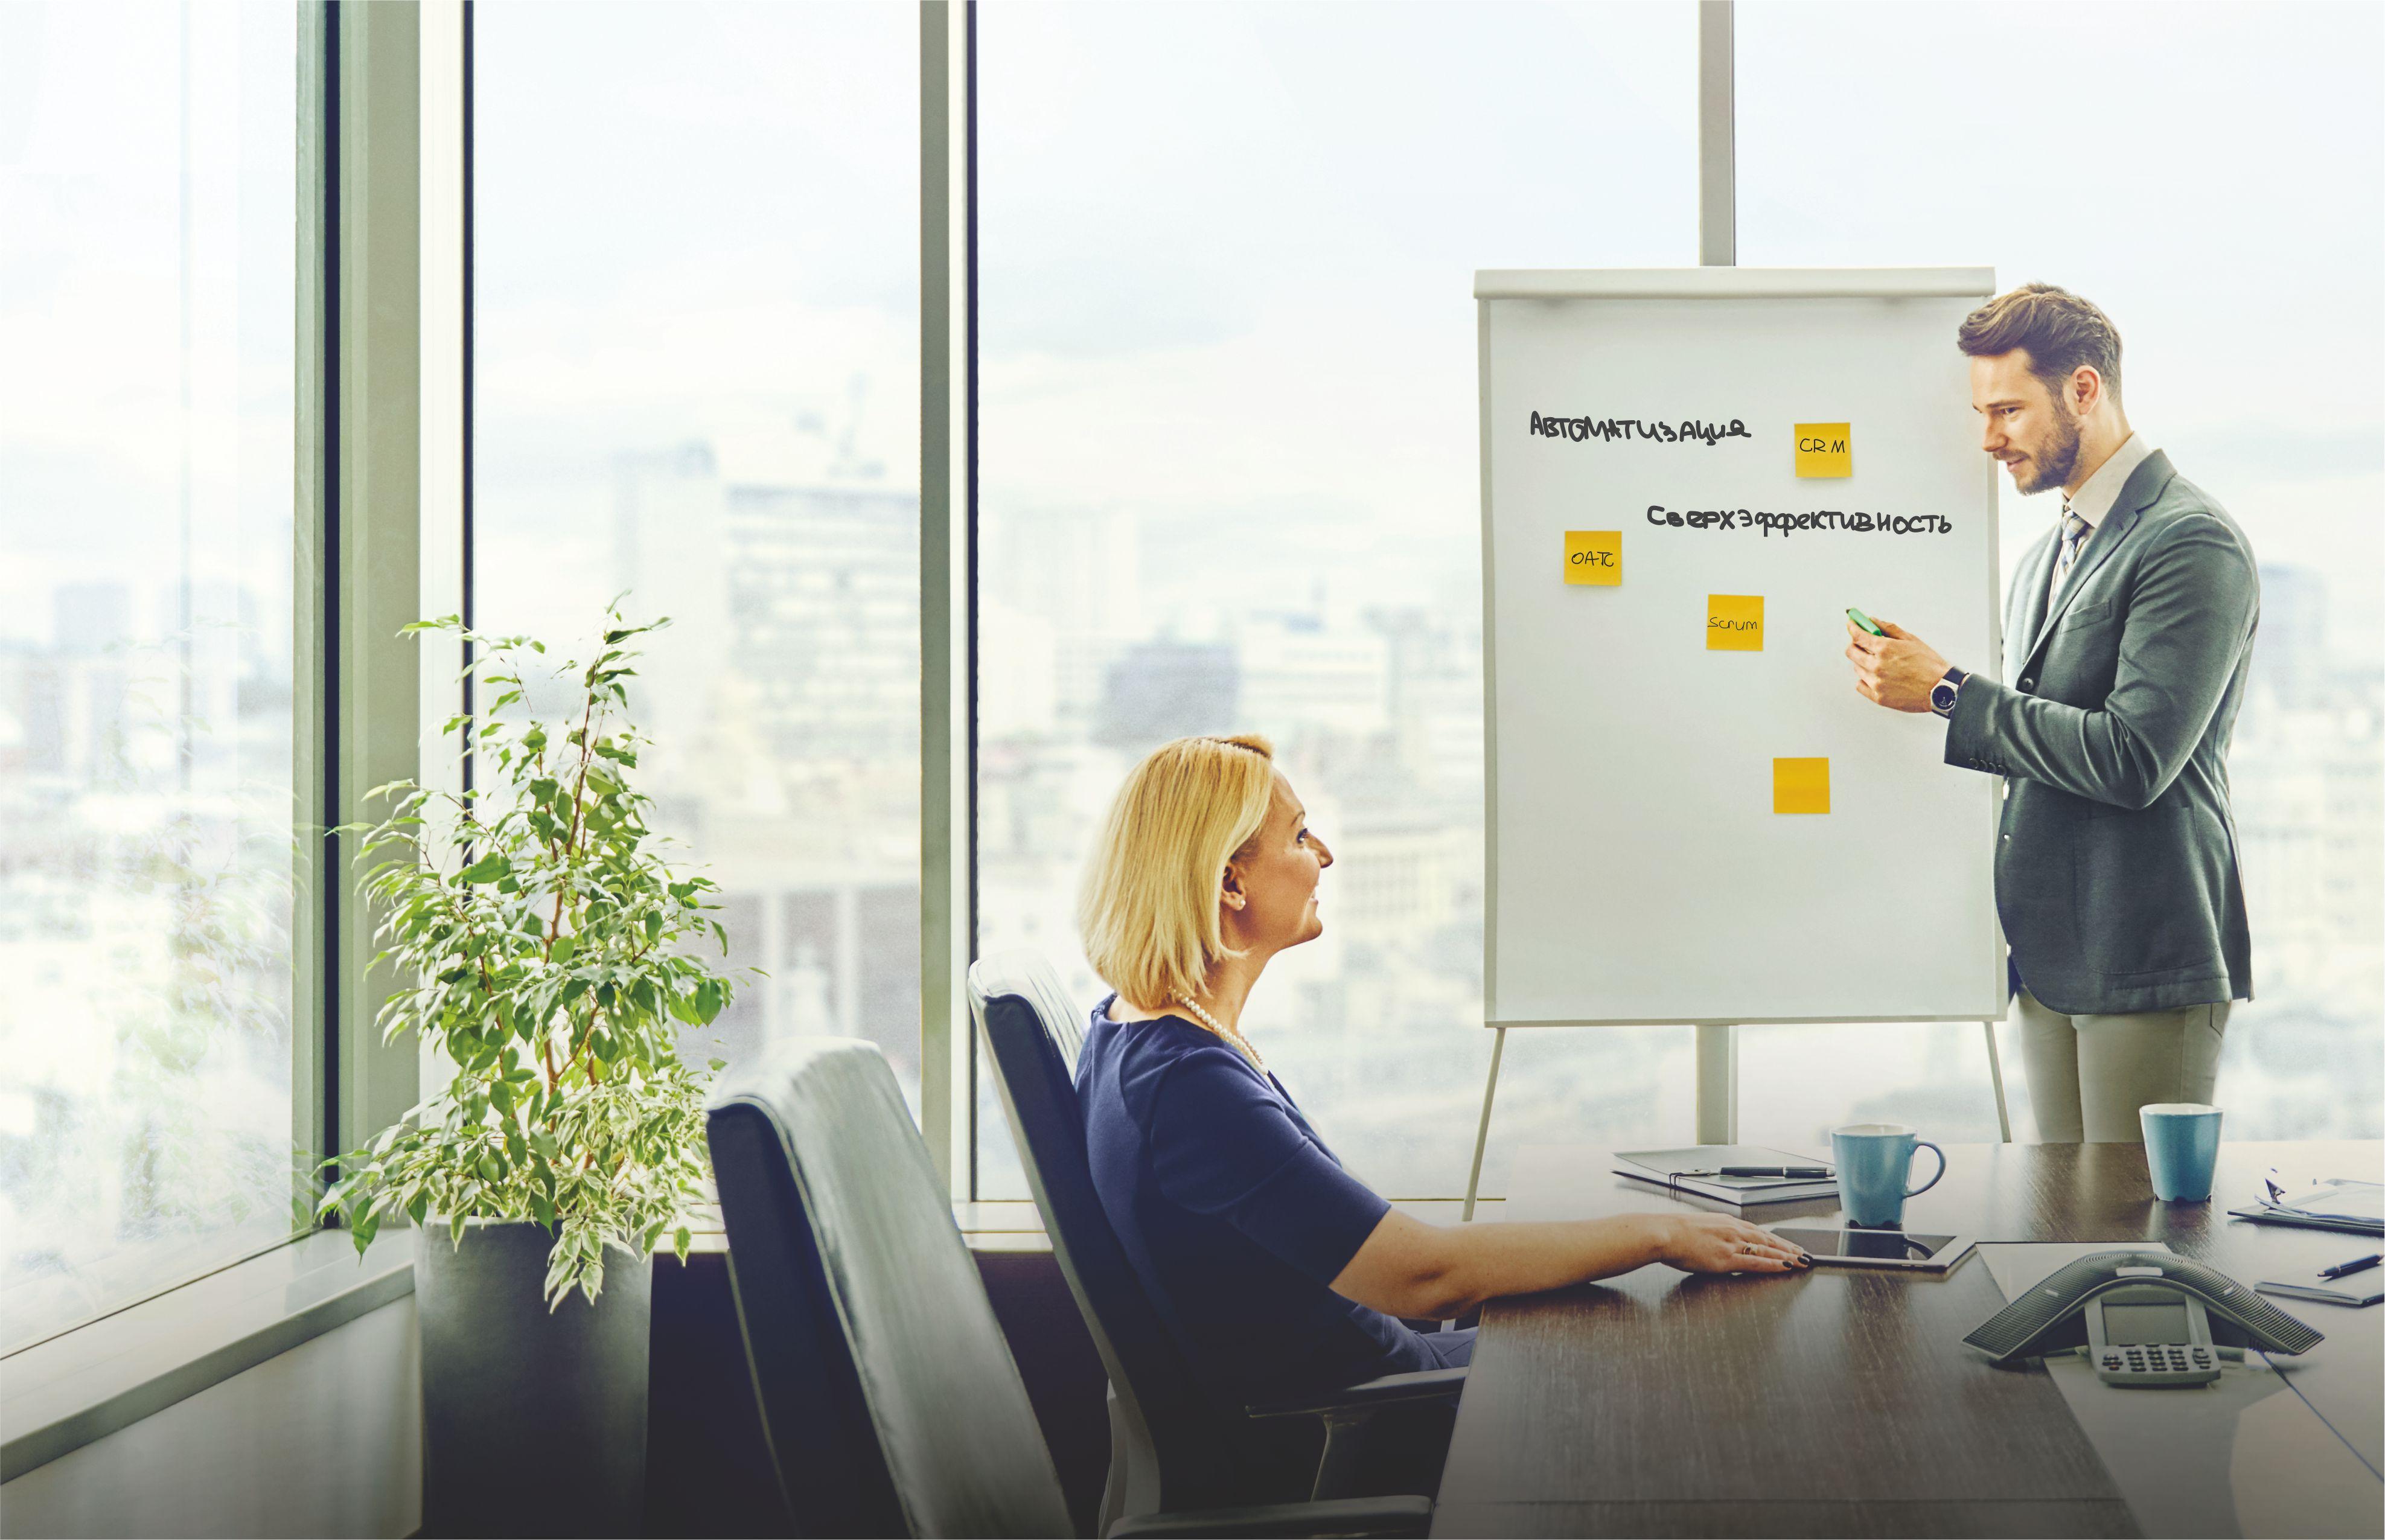 Кировским бизнесменам расскажут как управлять командой и бизнесом, используя современные технологии